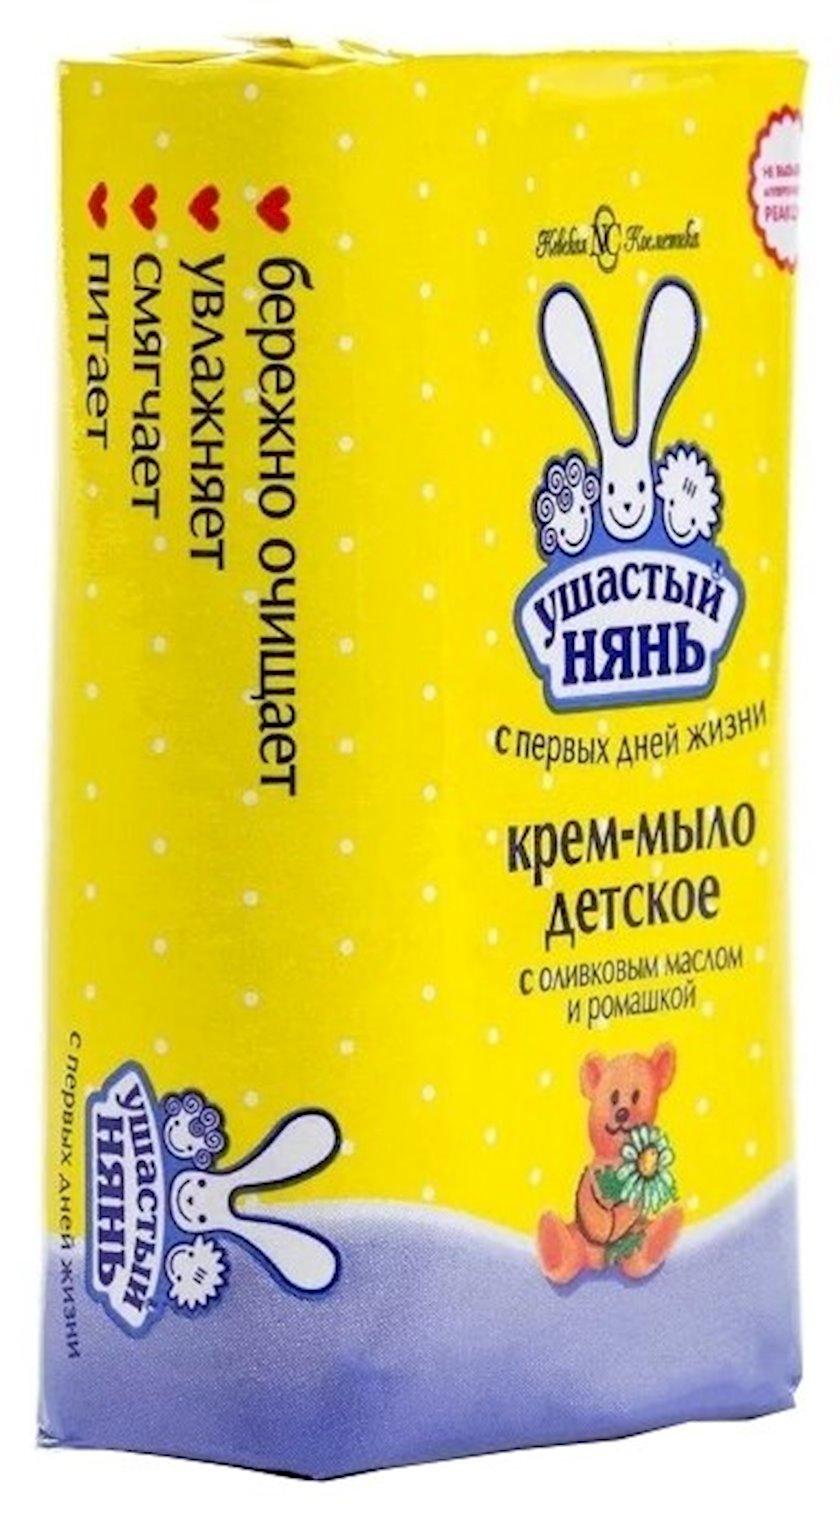 Krem-sabun Ушастый нянь zeytun yağı və çobanyastığı ilə 90 q